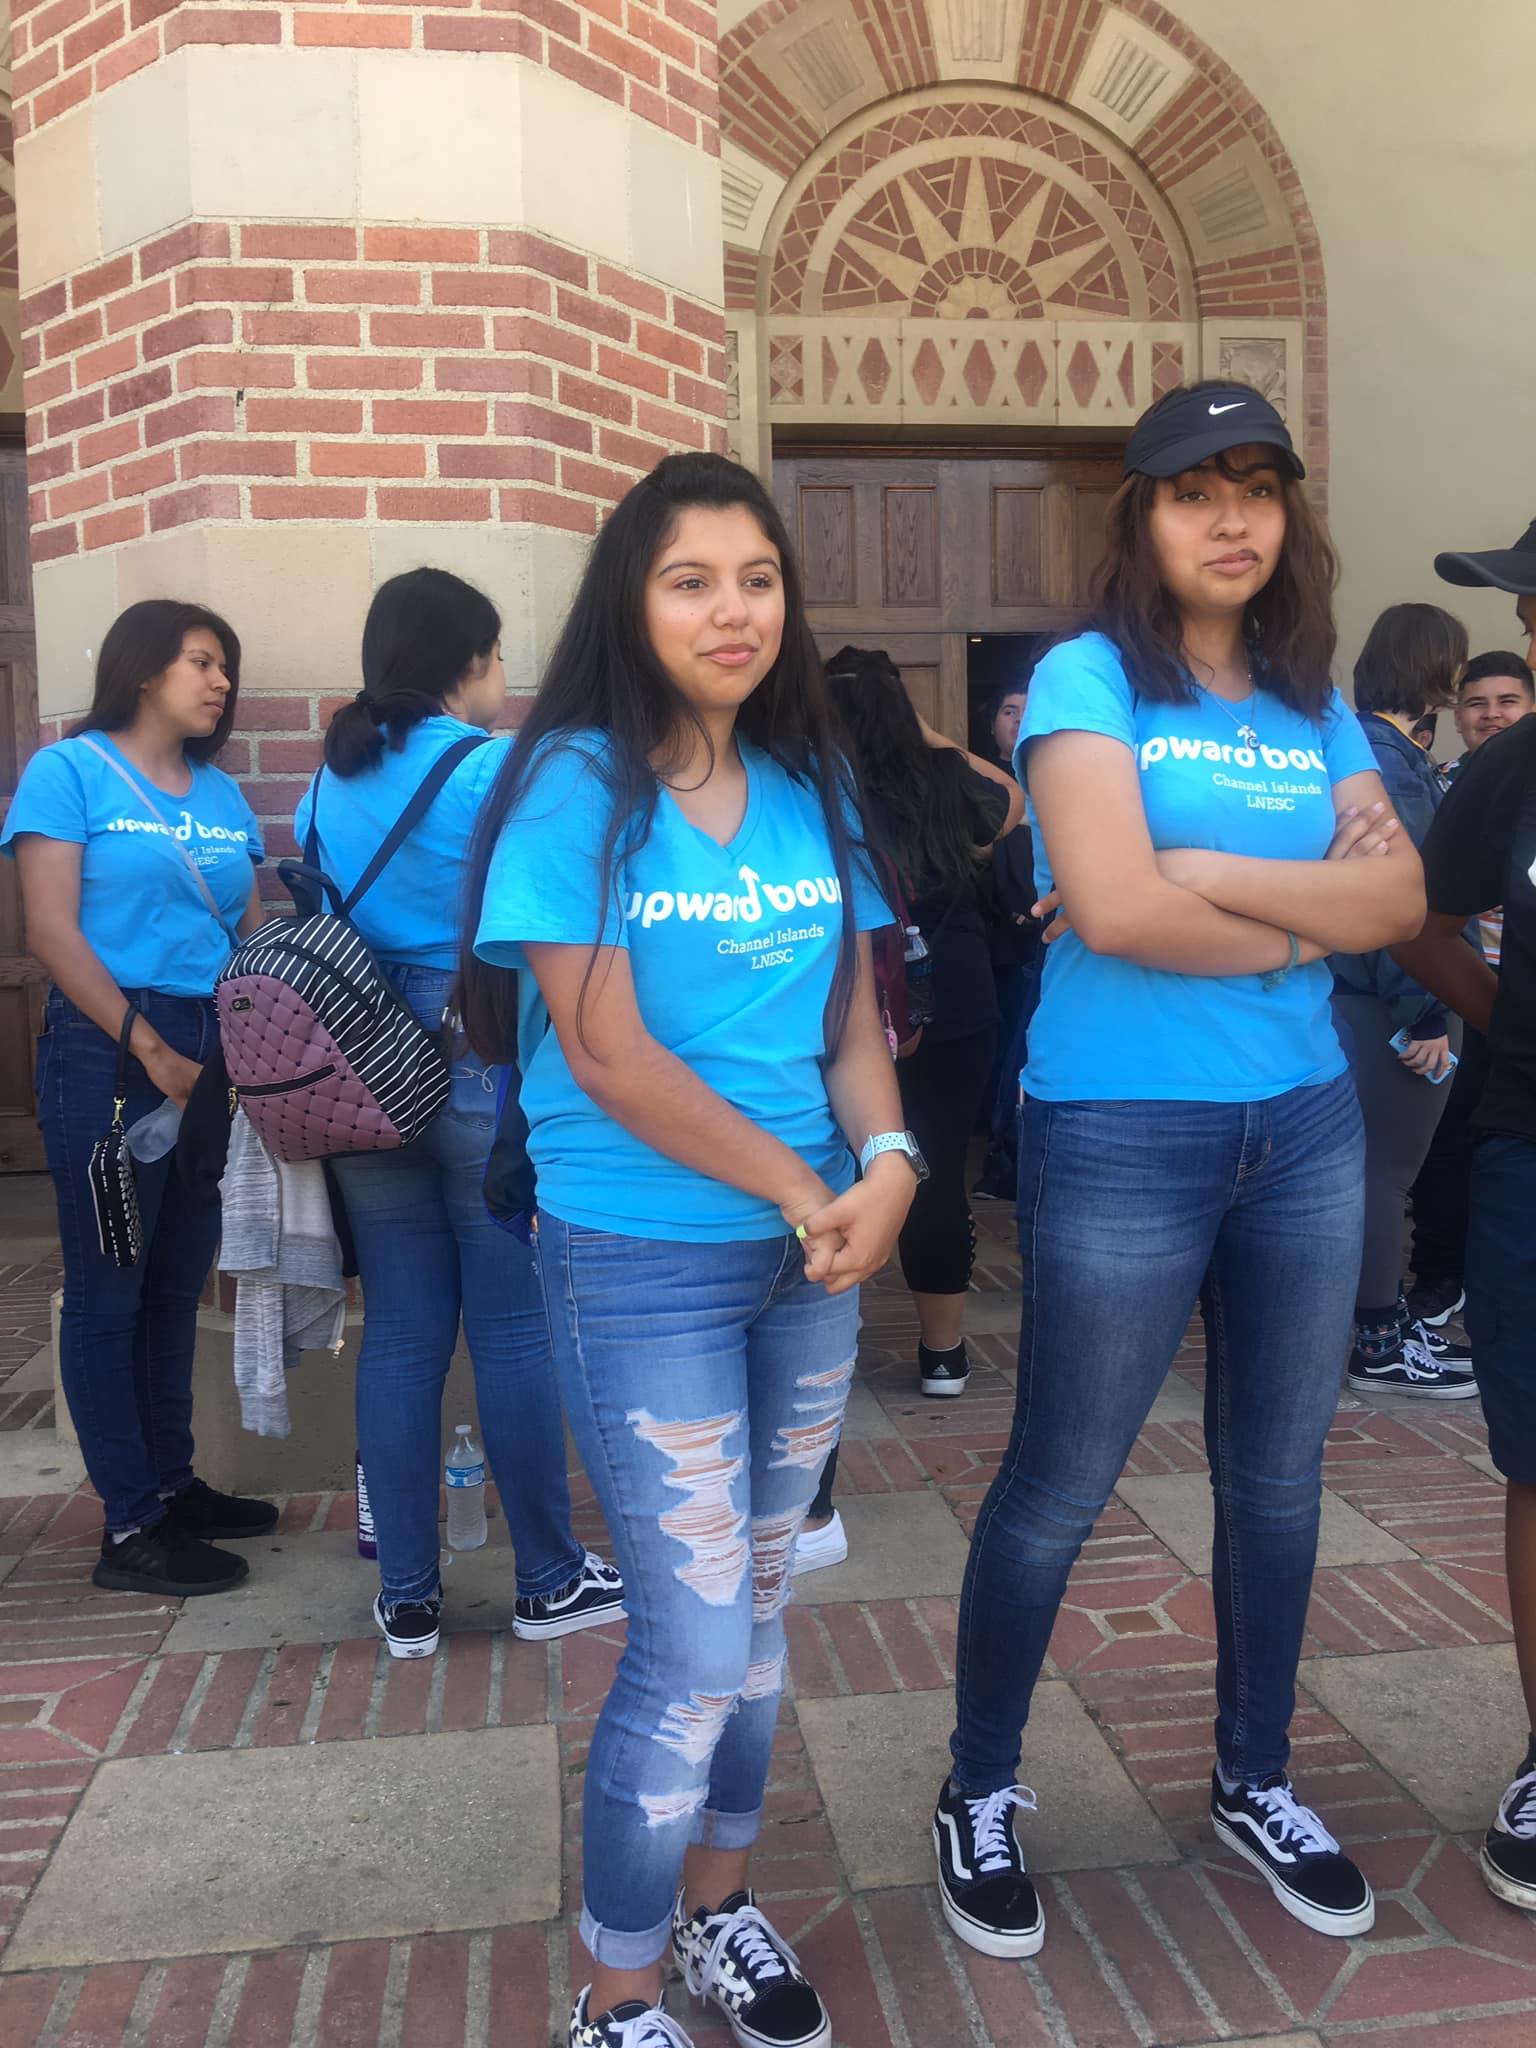 UCLA_Campus_Visit_9